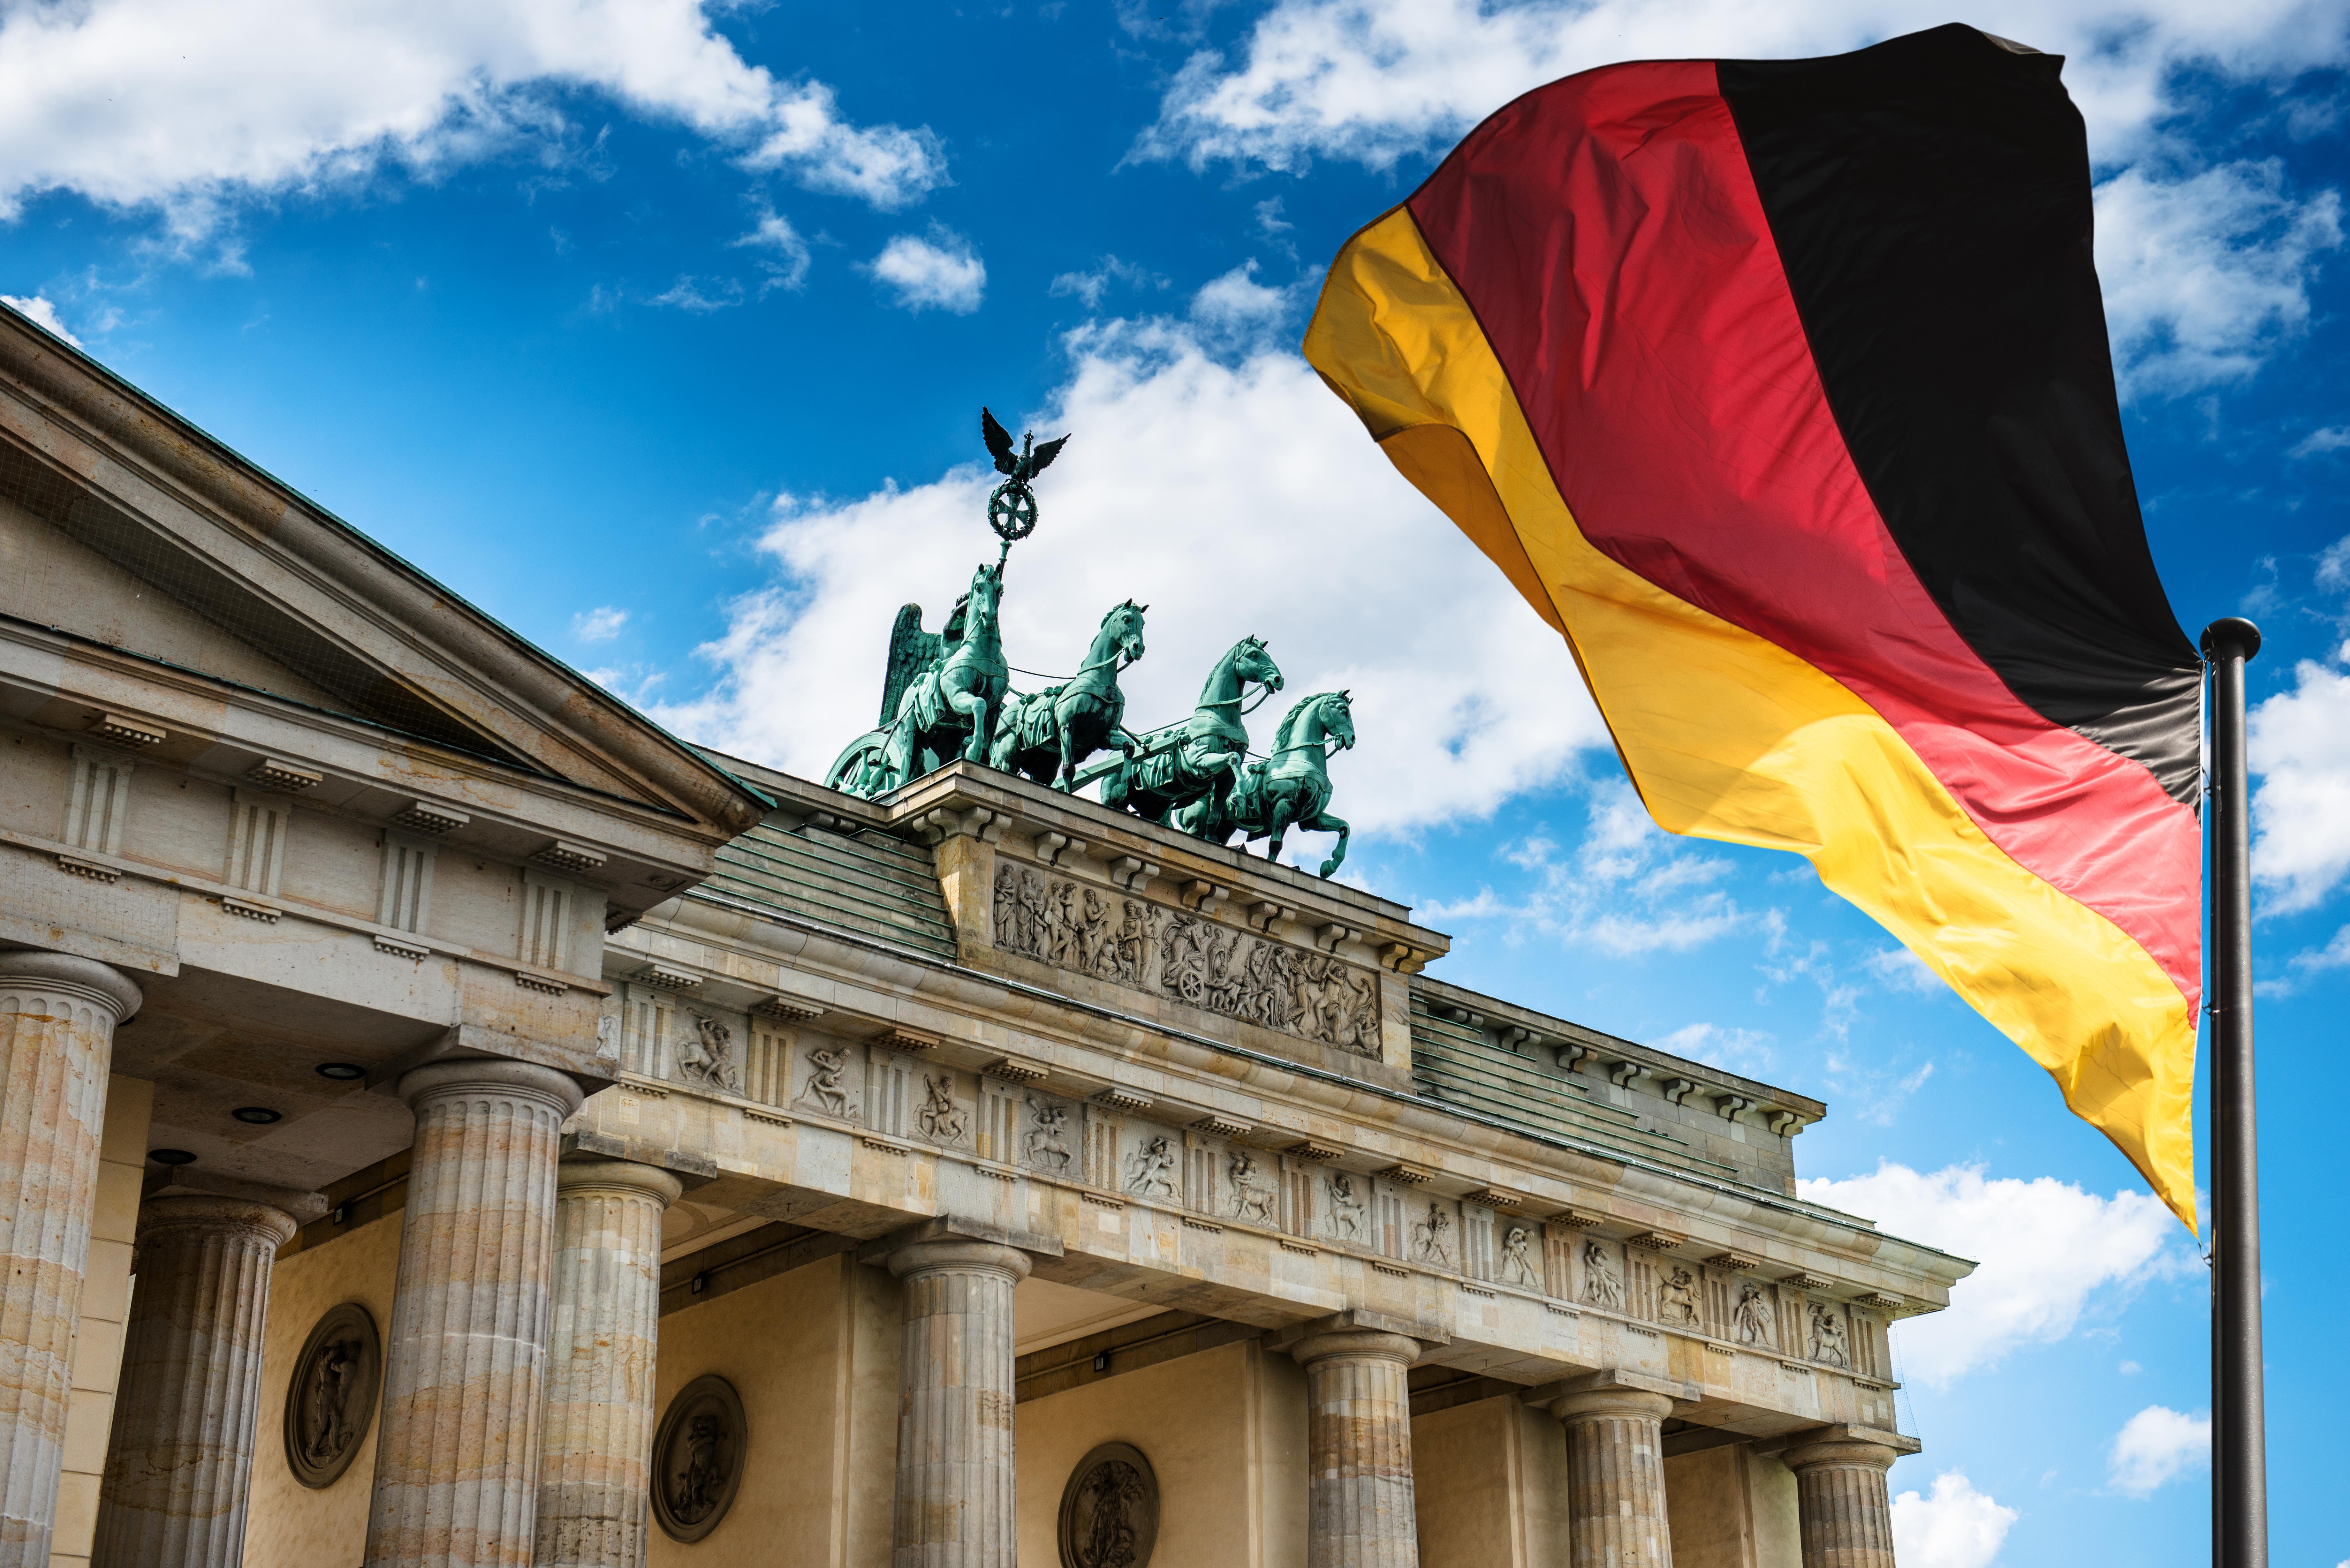 <p><strong>Германия</strong></p>  <p>Все още баровете в Германия са затворени, но ресторантите отвориха врати на 18 май. От 29 май хотелите също приемат гости. &nbsp;Германският външен министър Хайко Маас съобщи, че възнамерява да премахне ограниченията за страните от ЕС от 15 юни.</p>